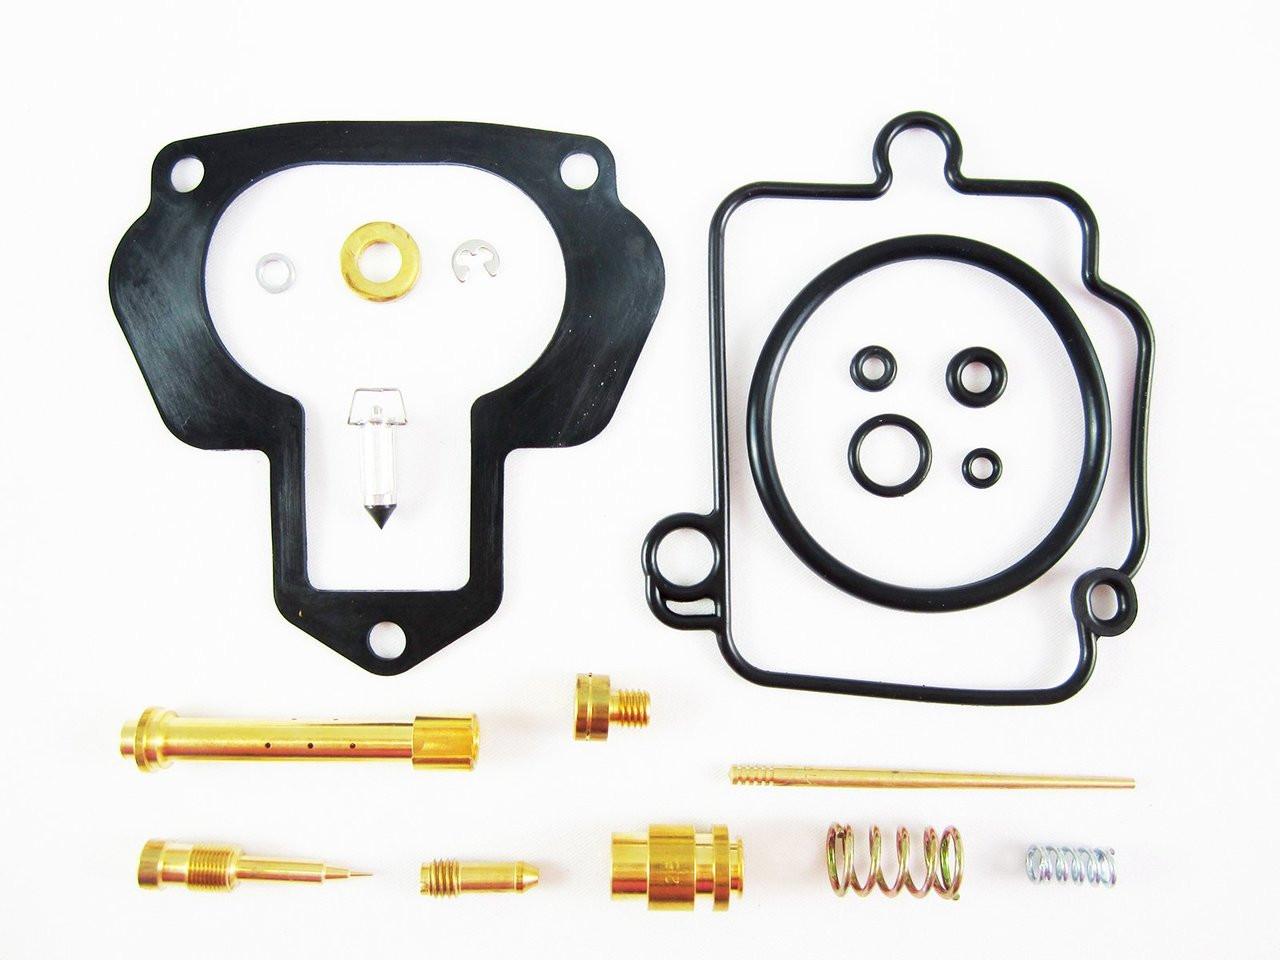 Yamaha Big Bear 350 YFM350FW Carburetor 89-97 Carb Rebuild Kit Repair YFM350 FW